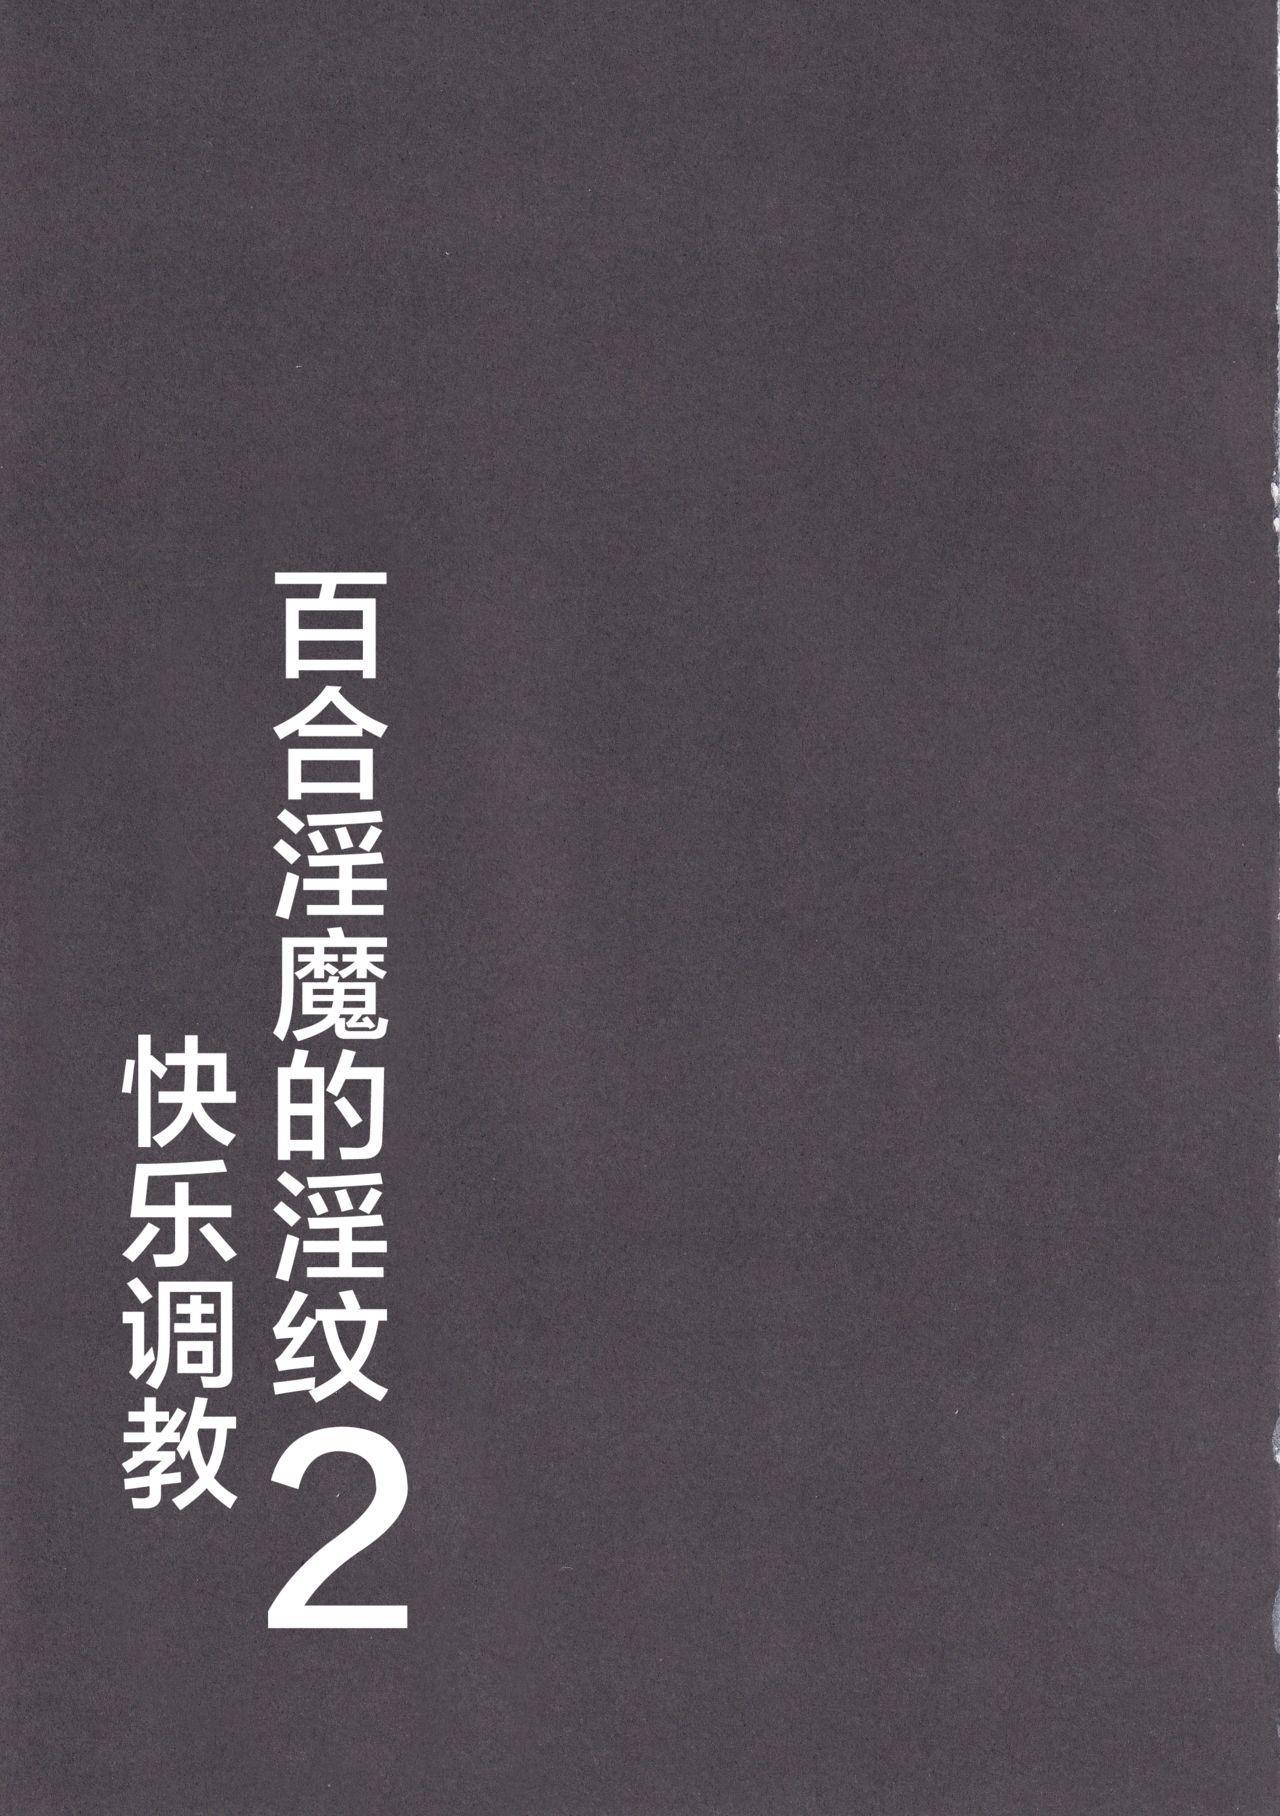 Les Inma no Inmon Kairaku Choukyou 2 21